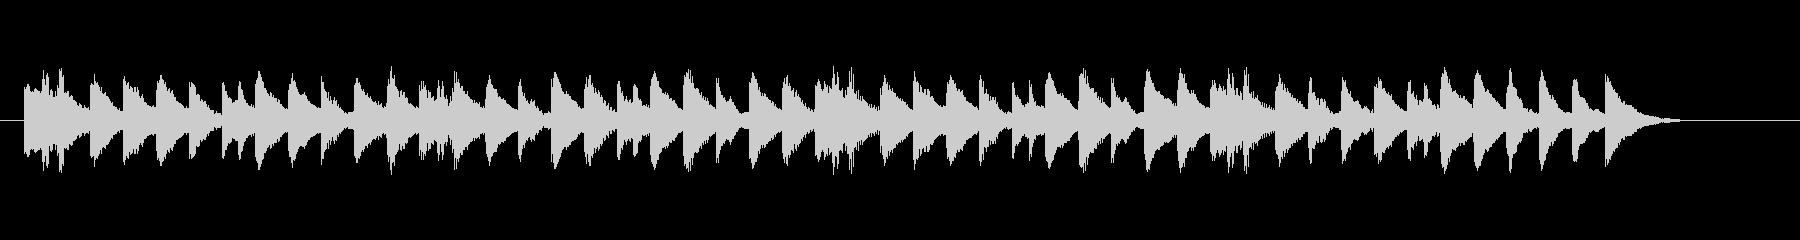 木琴のシンプルなジングル2の未再生の波形